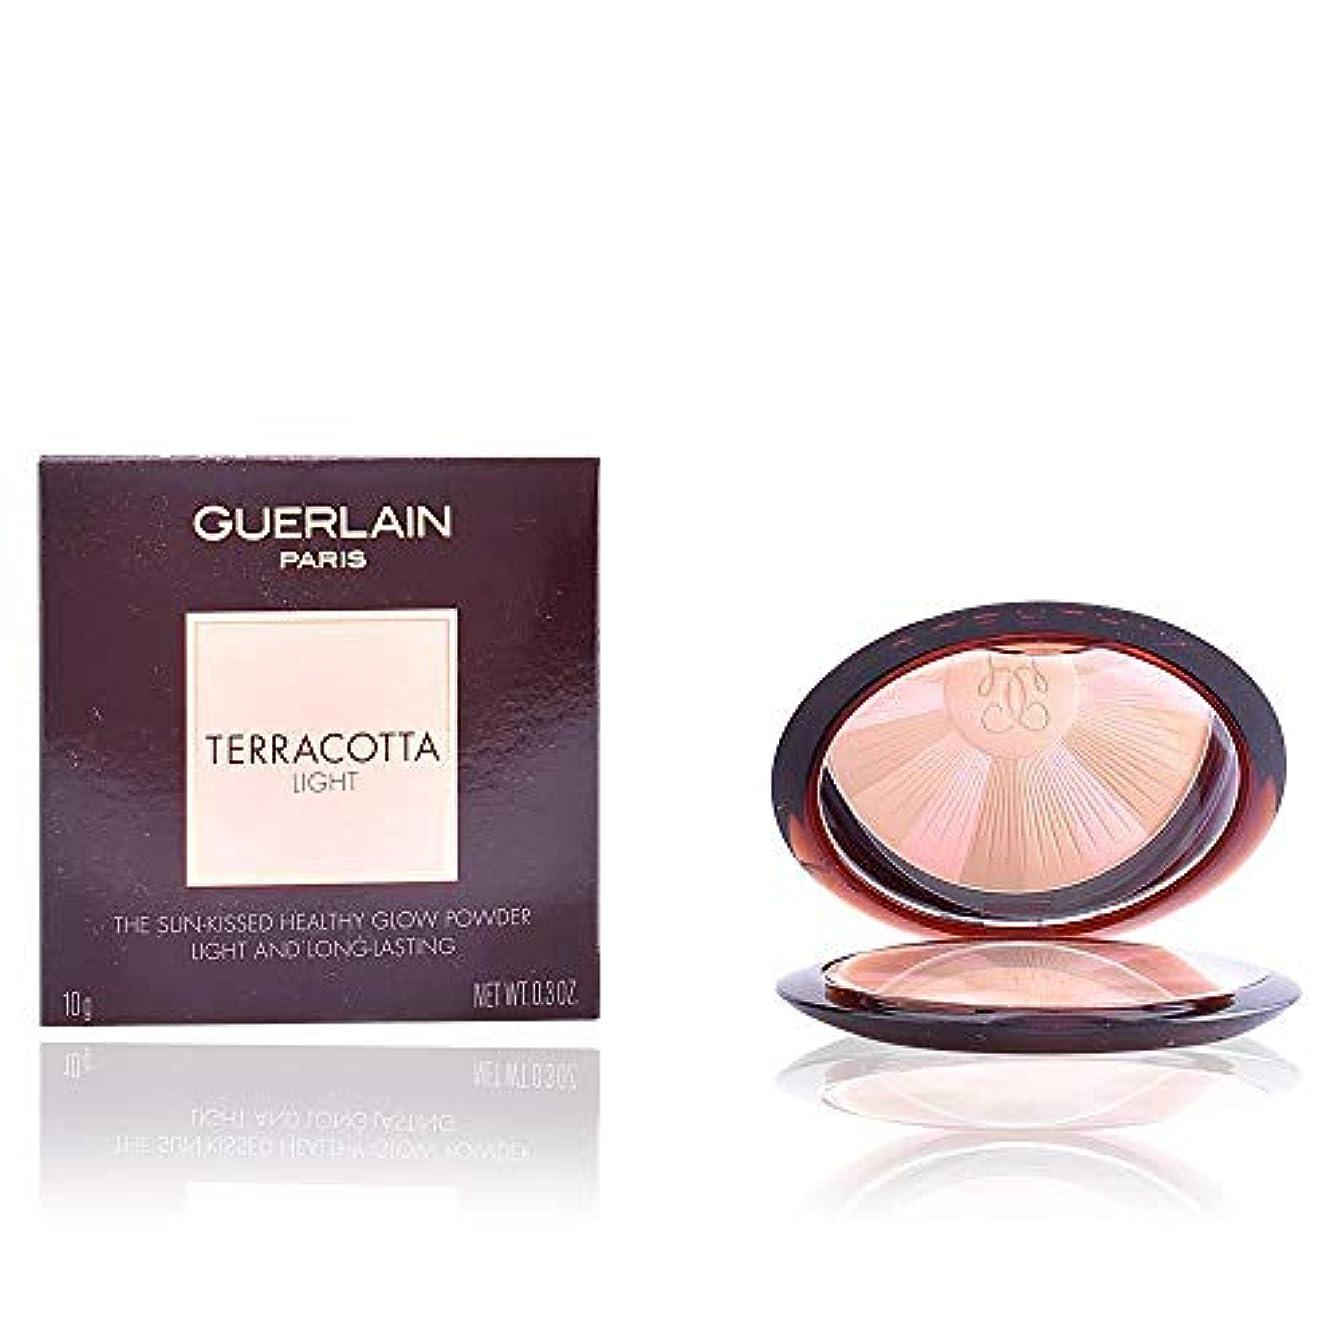 森悔い改め推定ゲラン Terracotta Light The Sun Kissed Healthy Glow Powder - # 00 Light Cool 10g/0.3oz並行輸入品